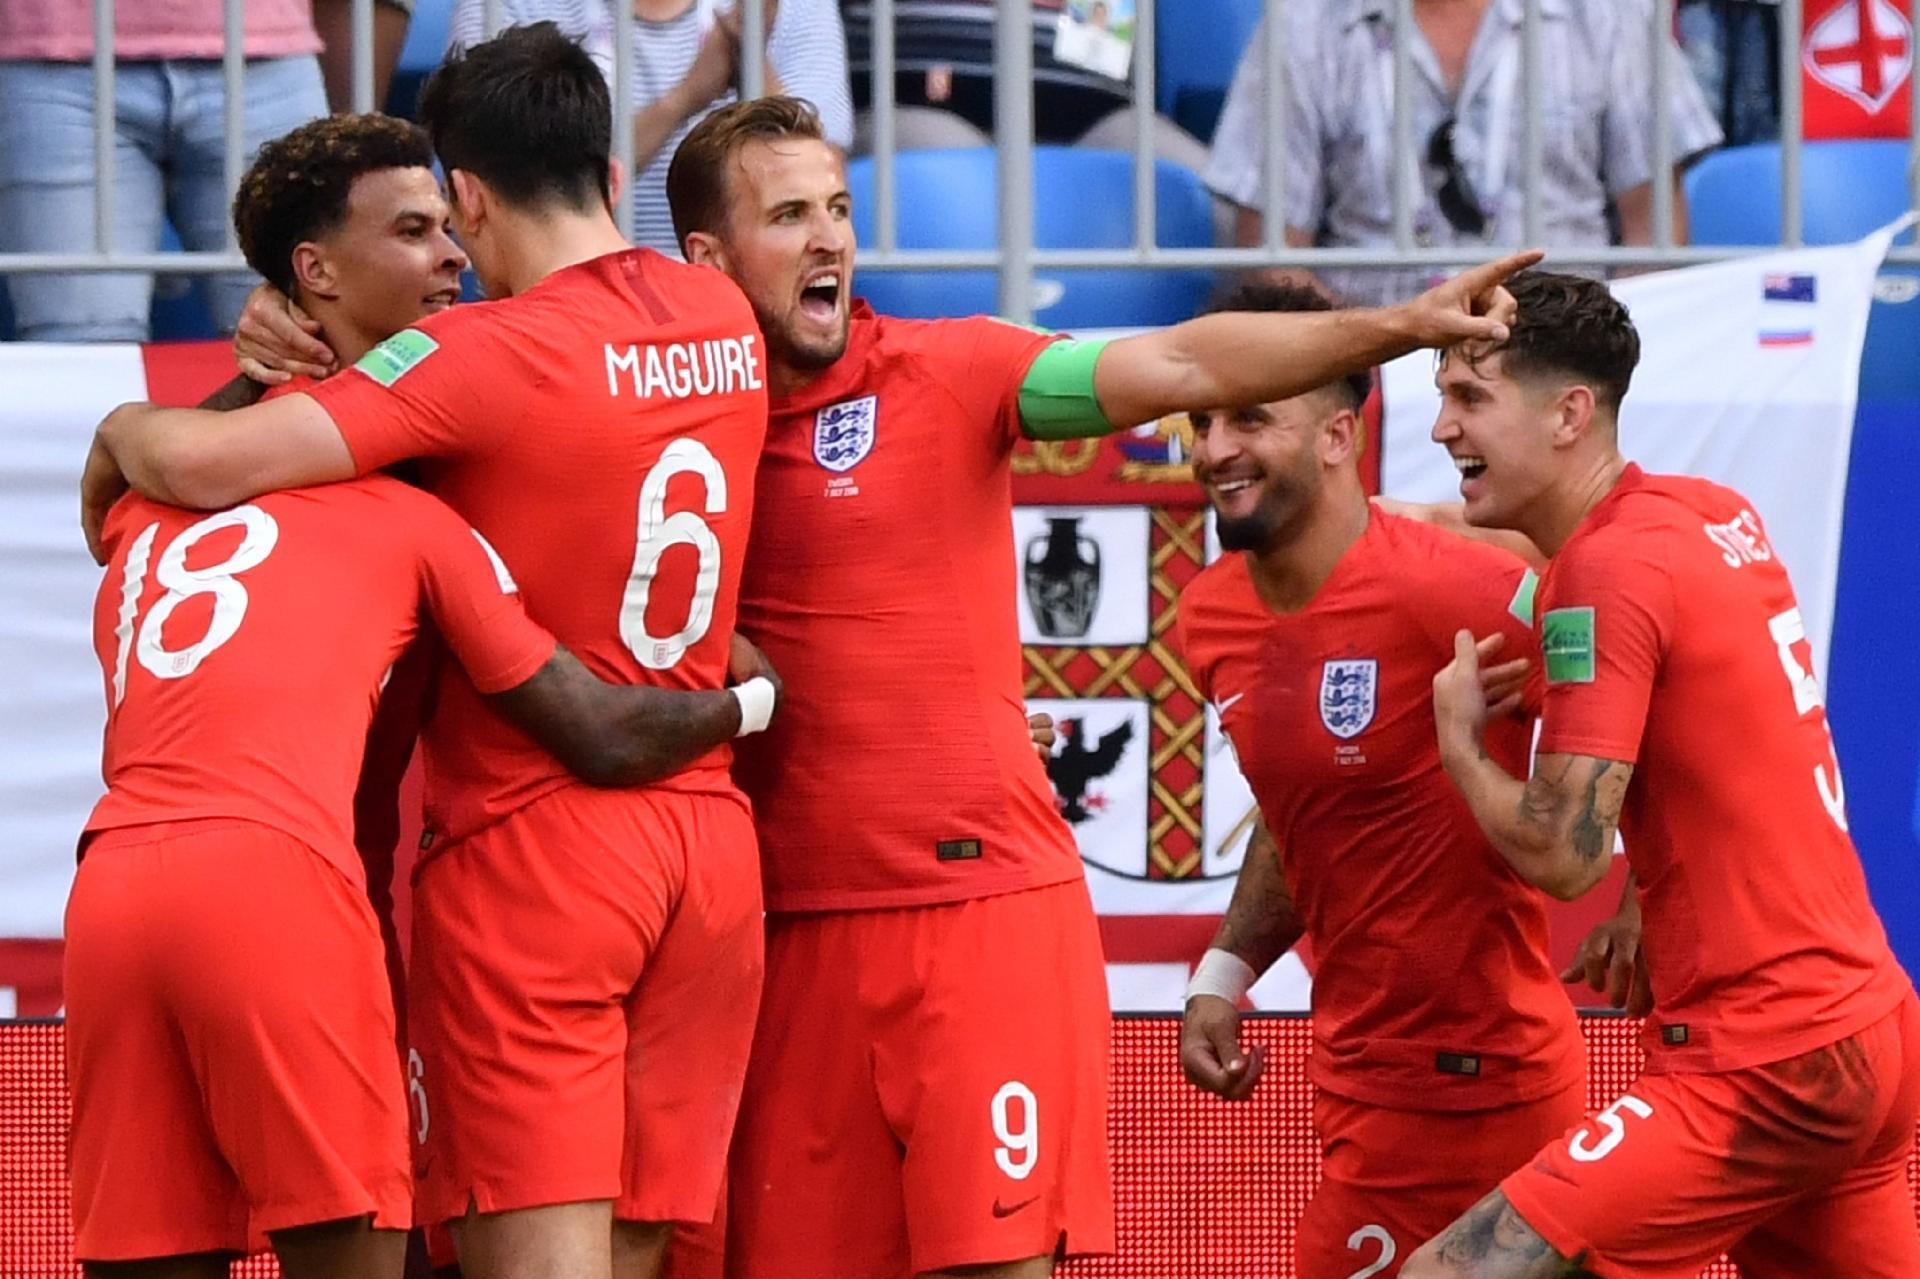 Inglaterra na Copa 2018  Inglaterra vai à semi com time formado por atletas  desacostumados a títulos - UOL Copa do Mundo 2018 bad192df72b74